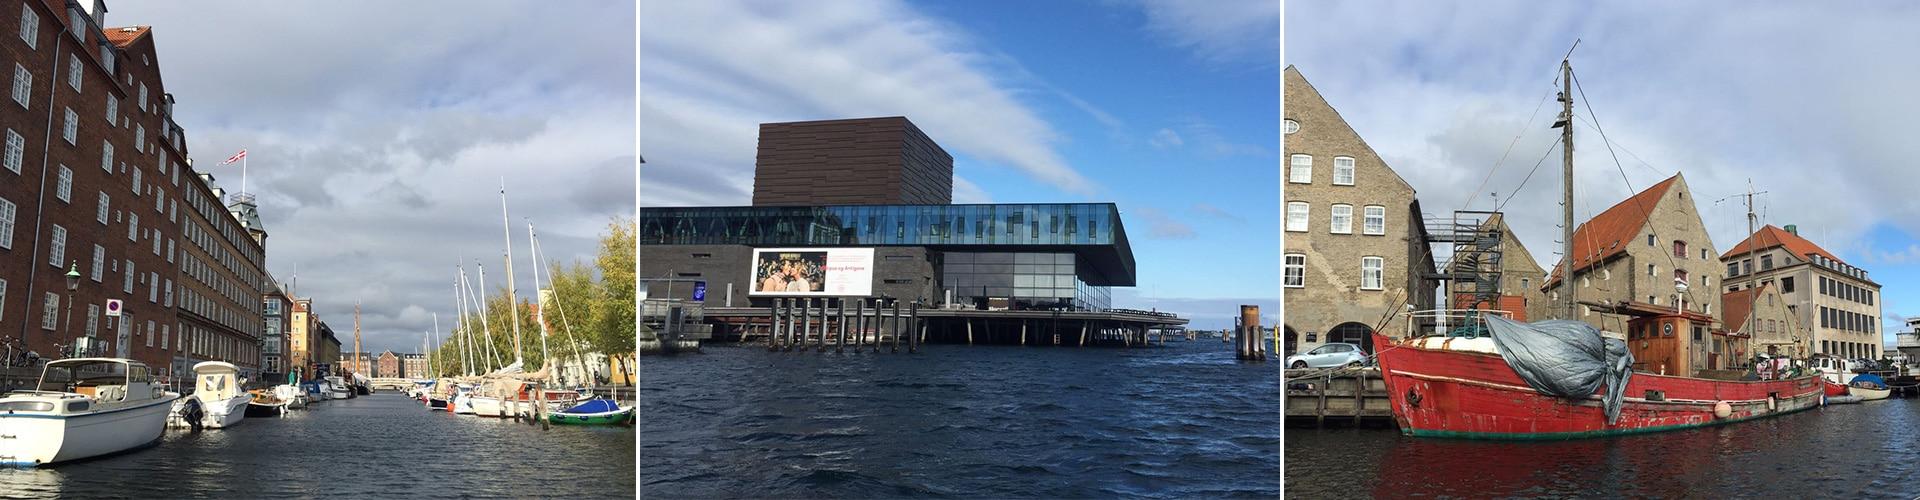 Mehr als nur Hot-Dogs: Bei Werbekampagnen von den Dänen lernen